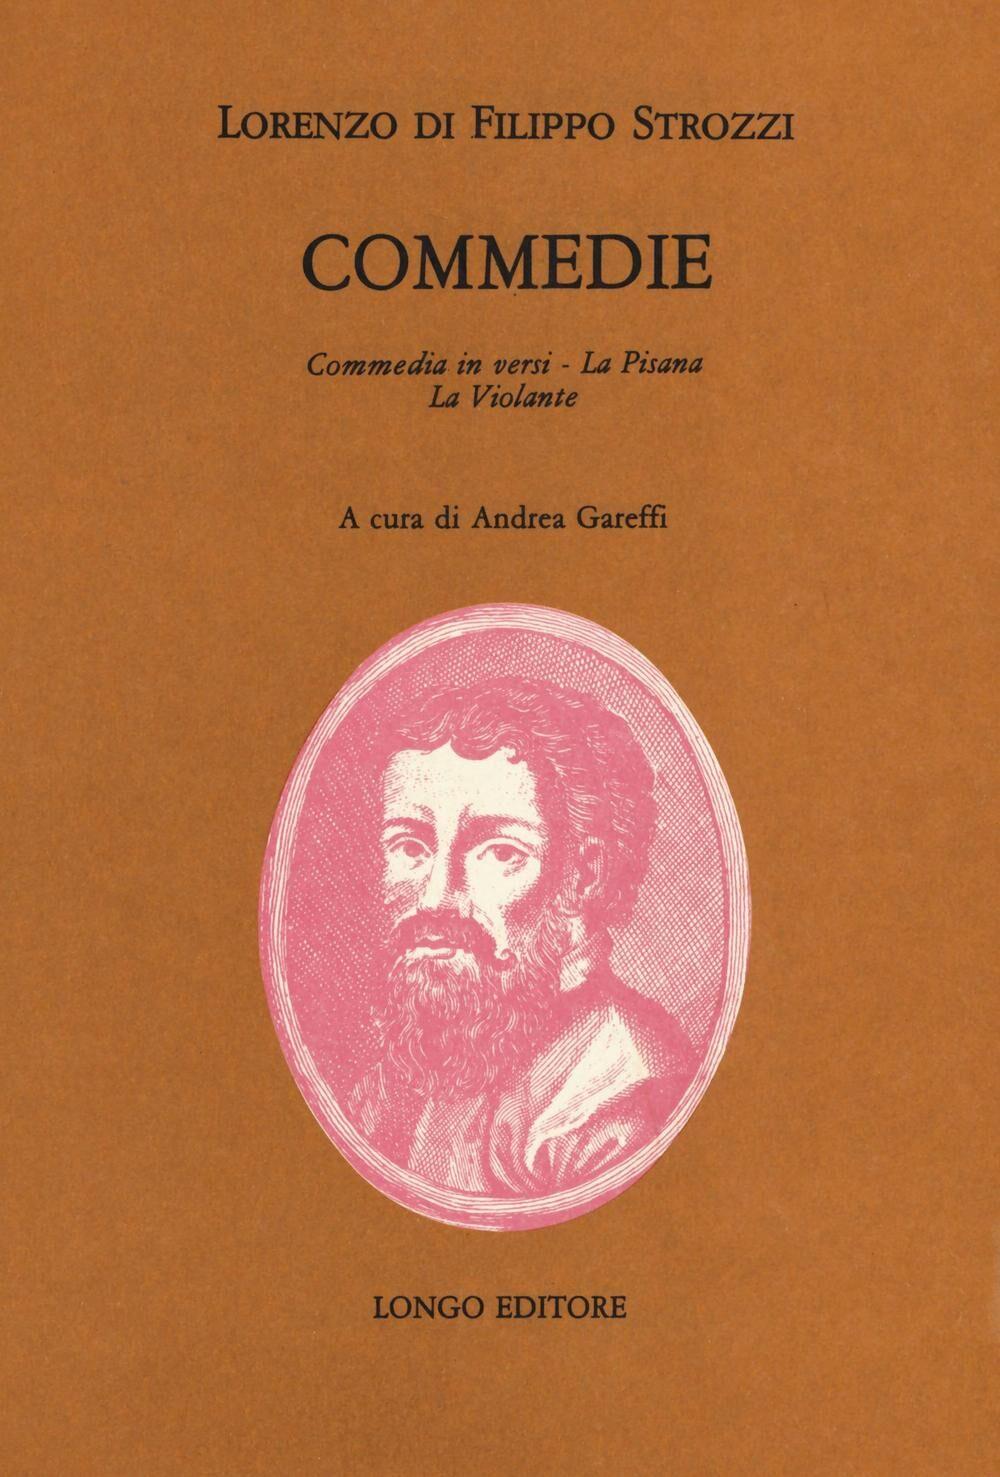 Commedie: commedia in versi, La Pisana, La Violante